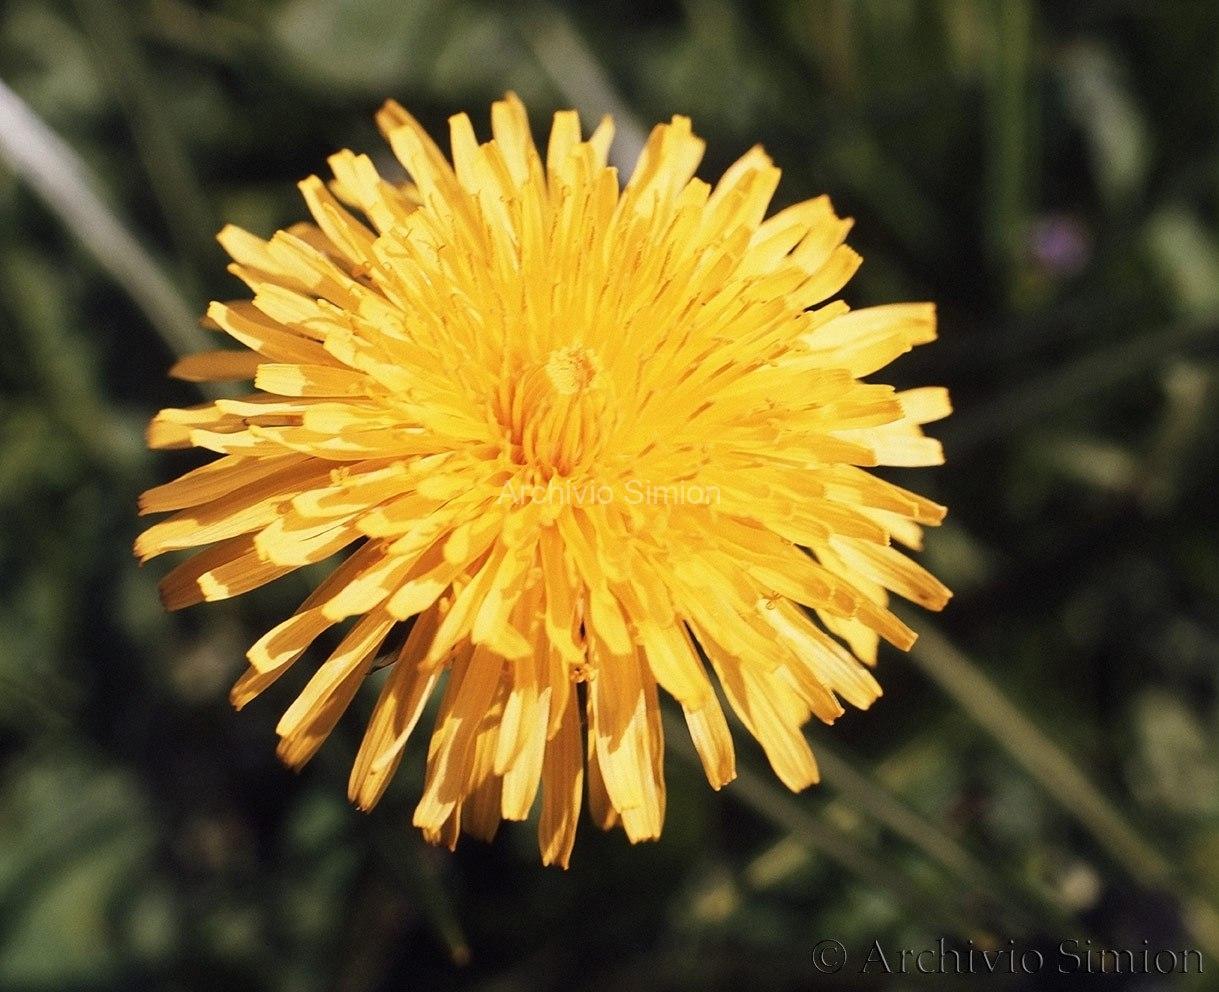 Botanica-fiori-62